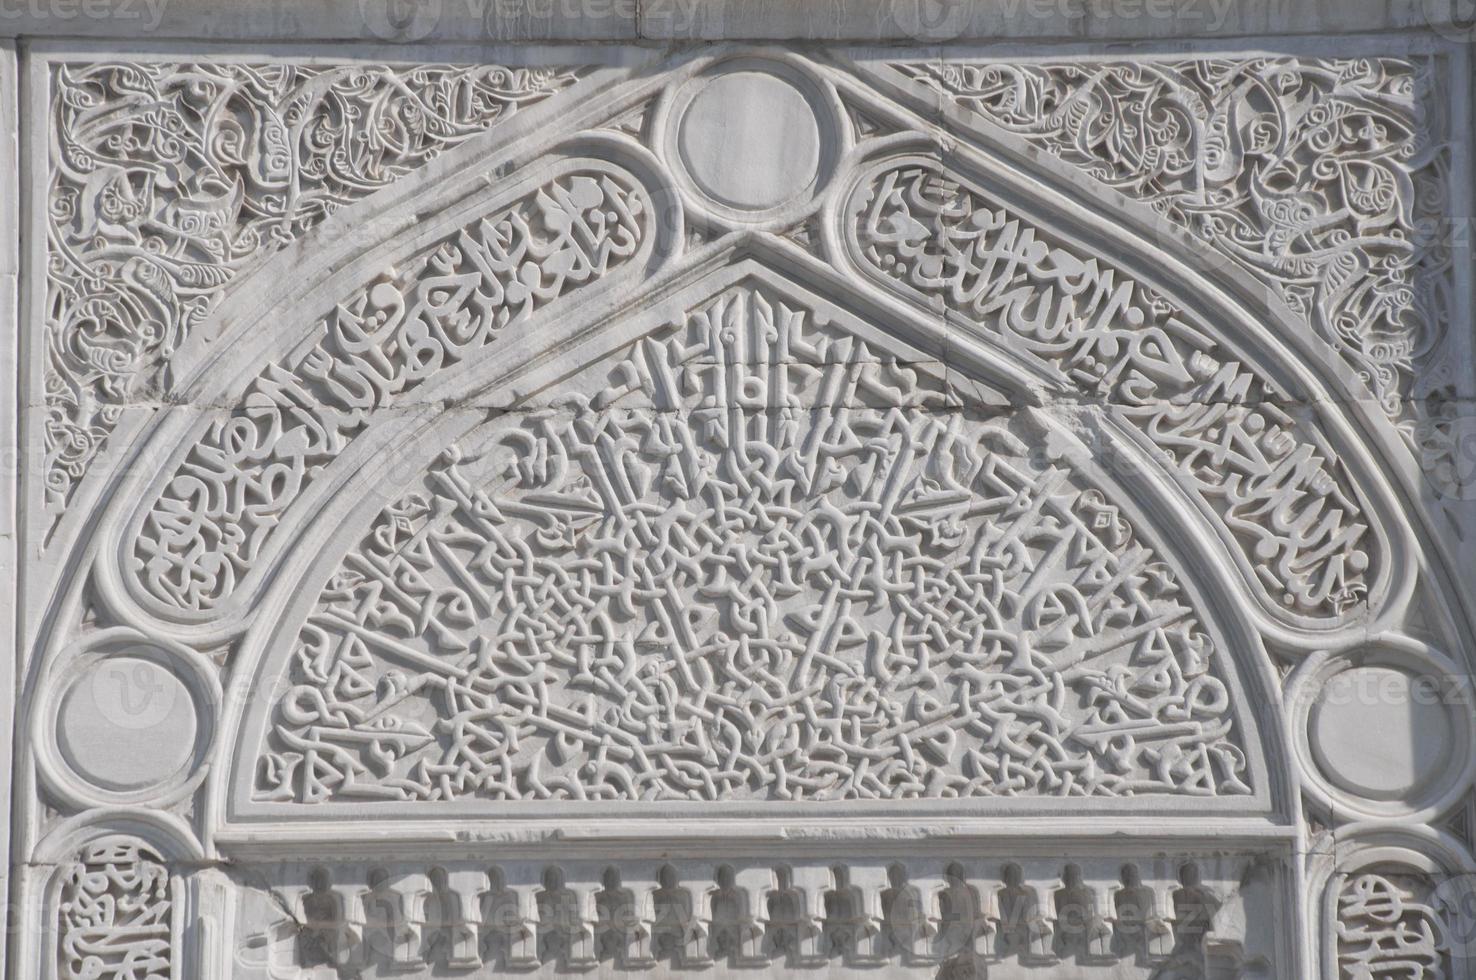 arte islâmica foto